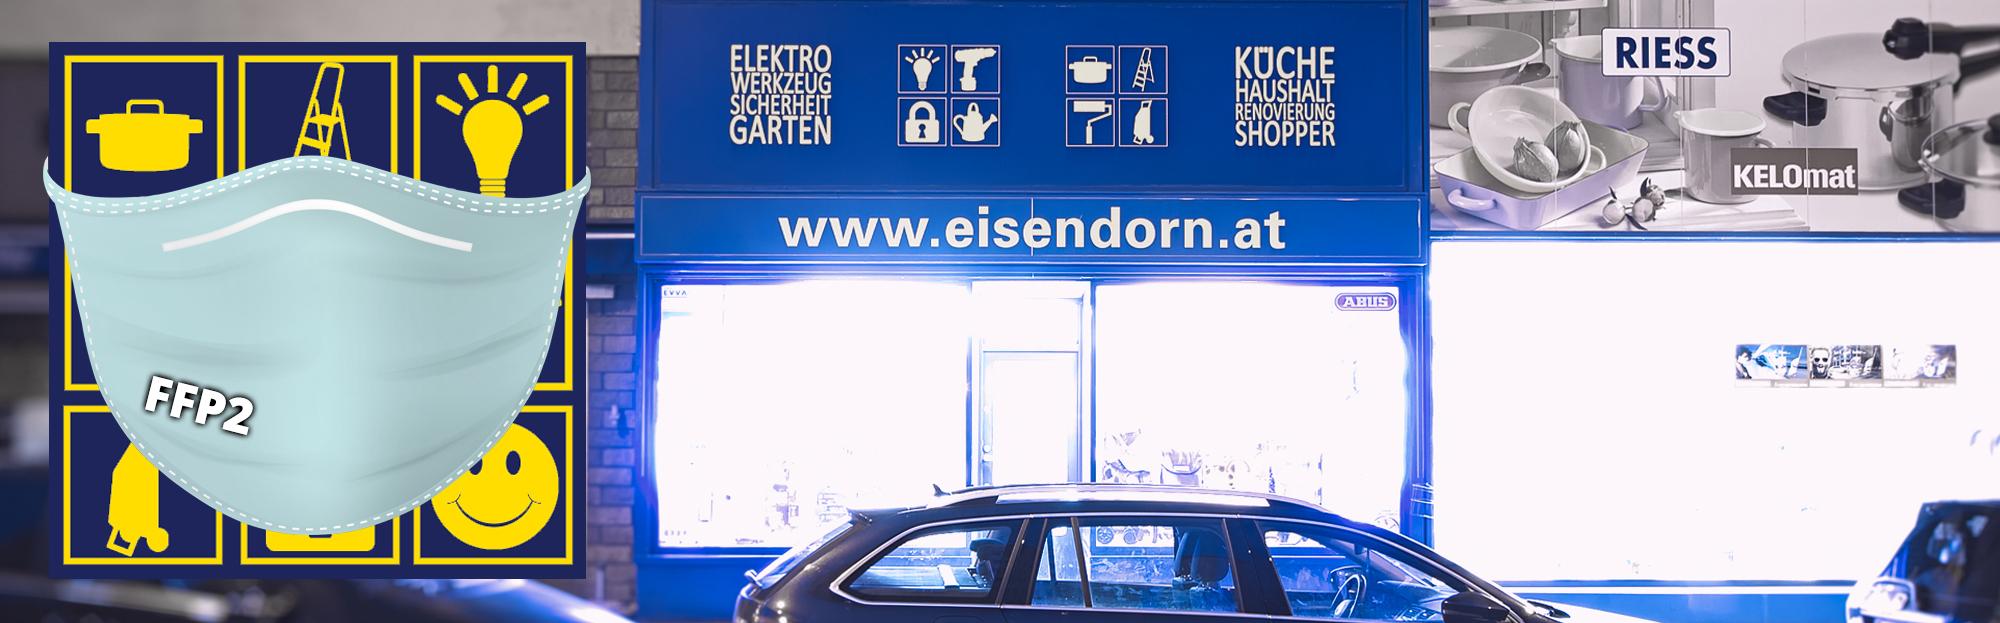 Eisen-Dorn 1020 Wien